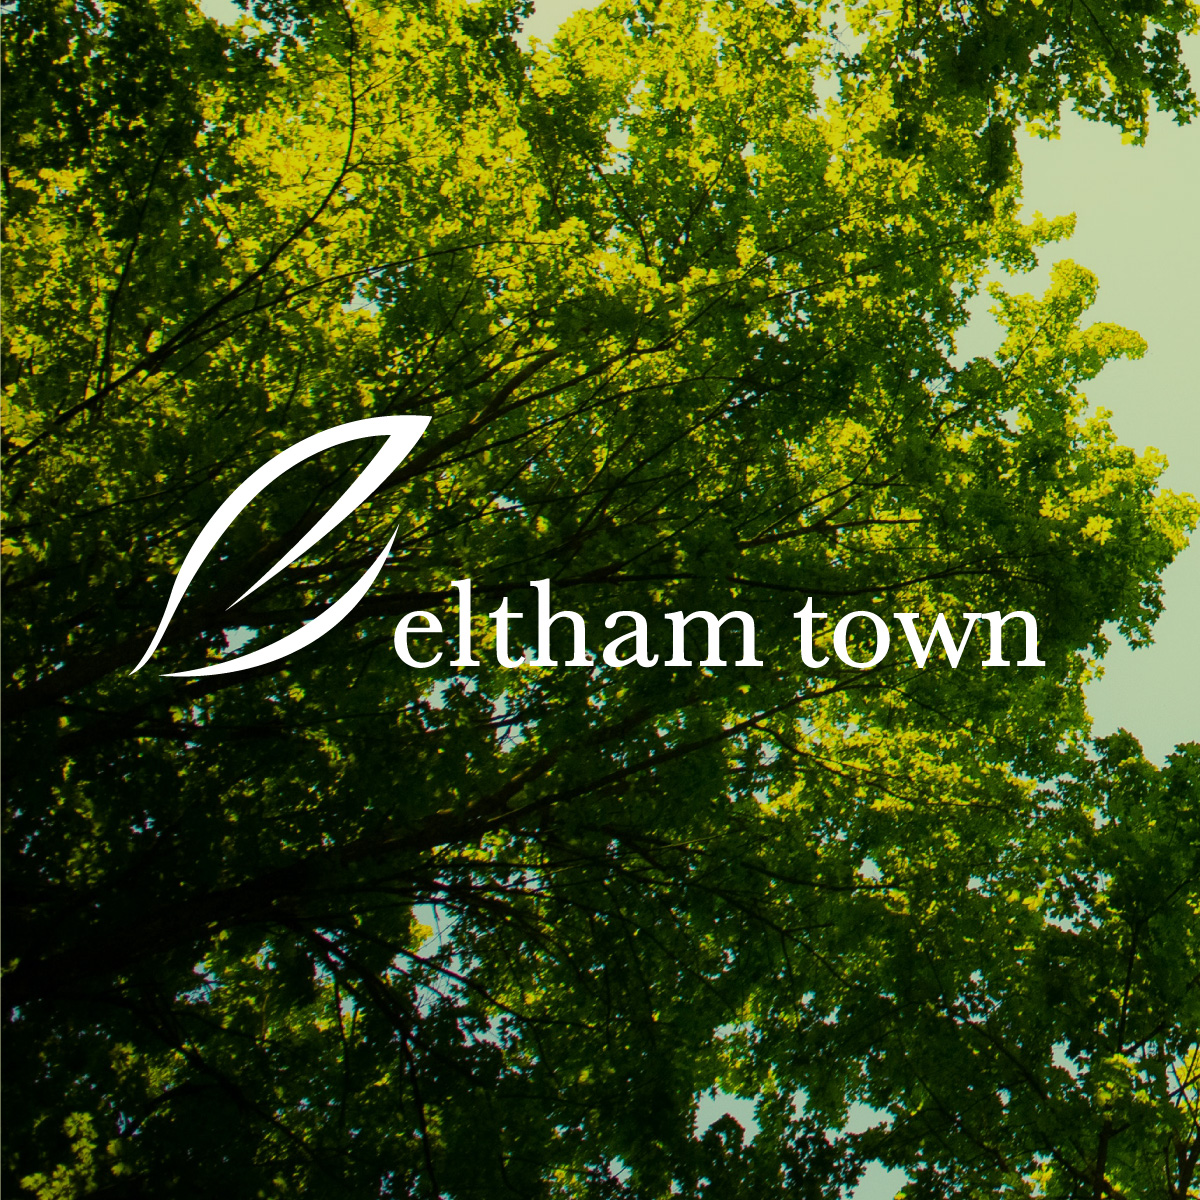 Eltham Town Branding and Jazz Festival Branding